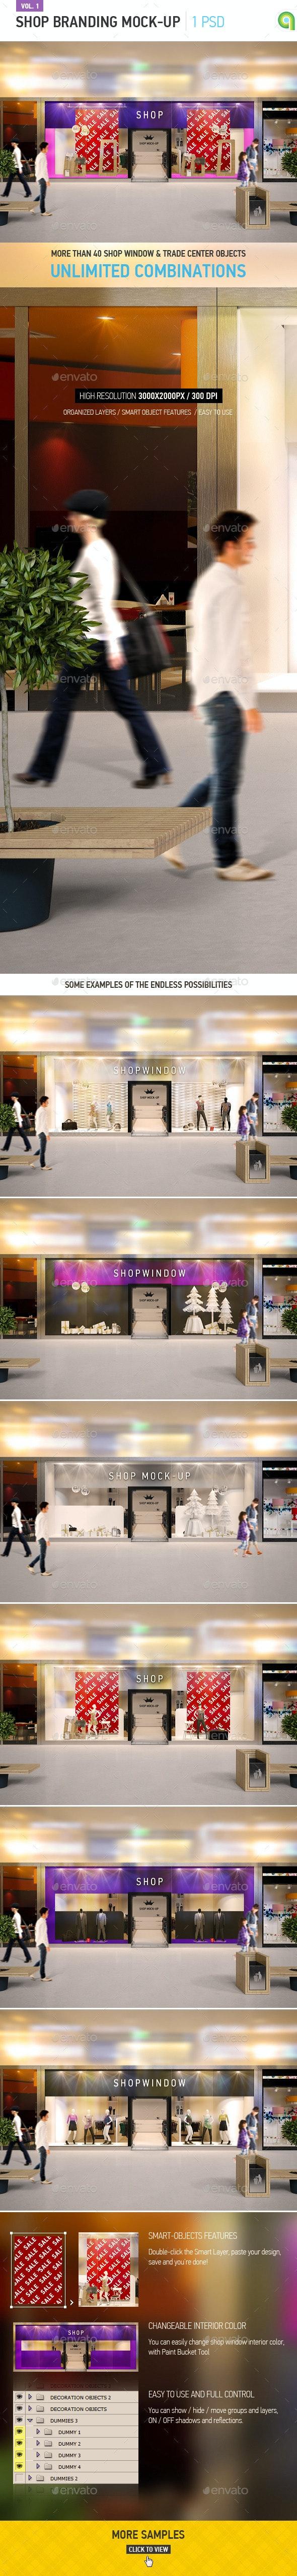 Shop Window Branding Mock-up - Logo Product Mock-Ups